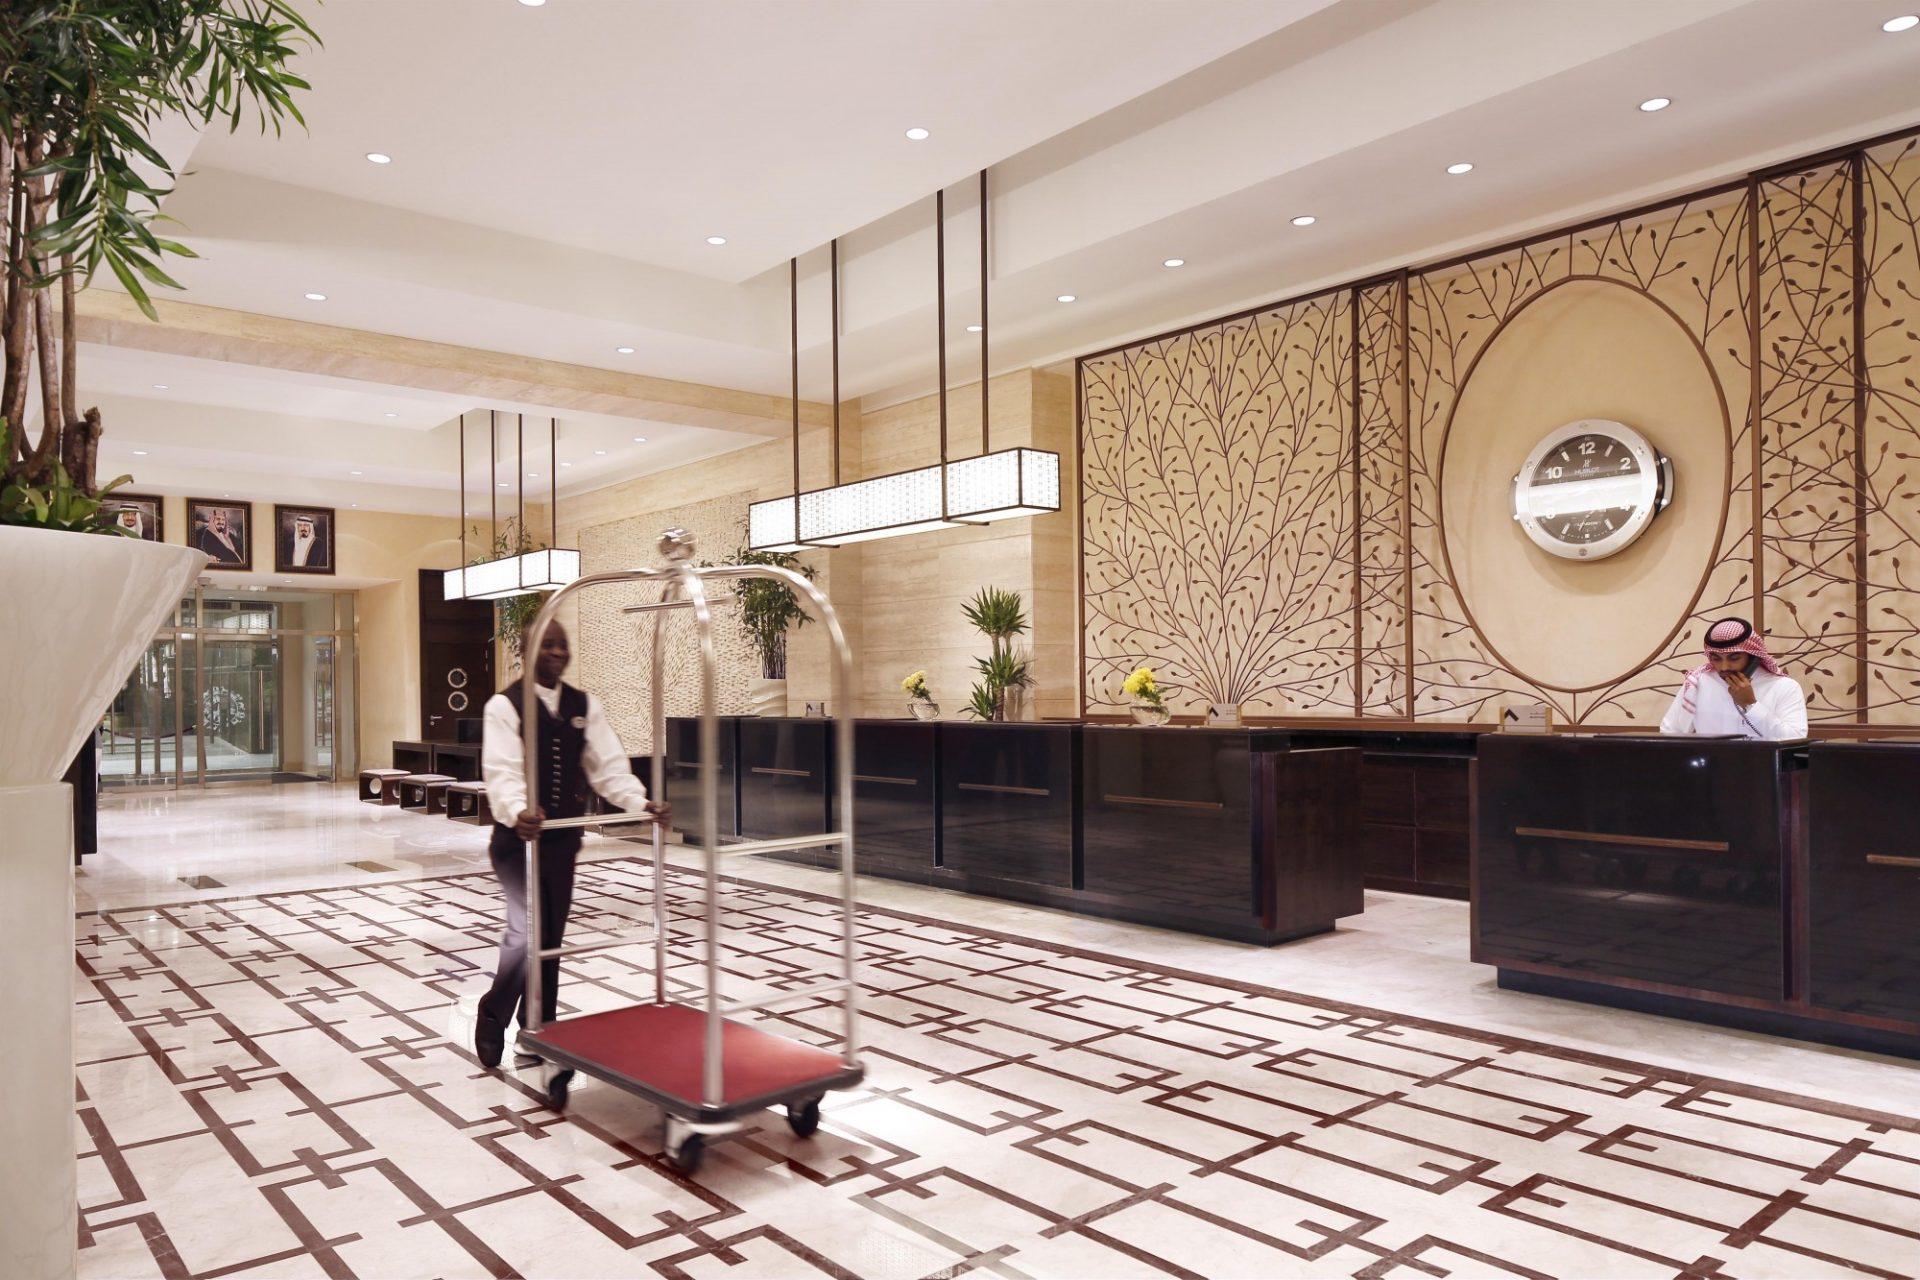 Swissotel_Makkah_Lobby_491527_standard